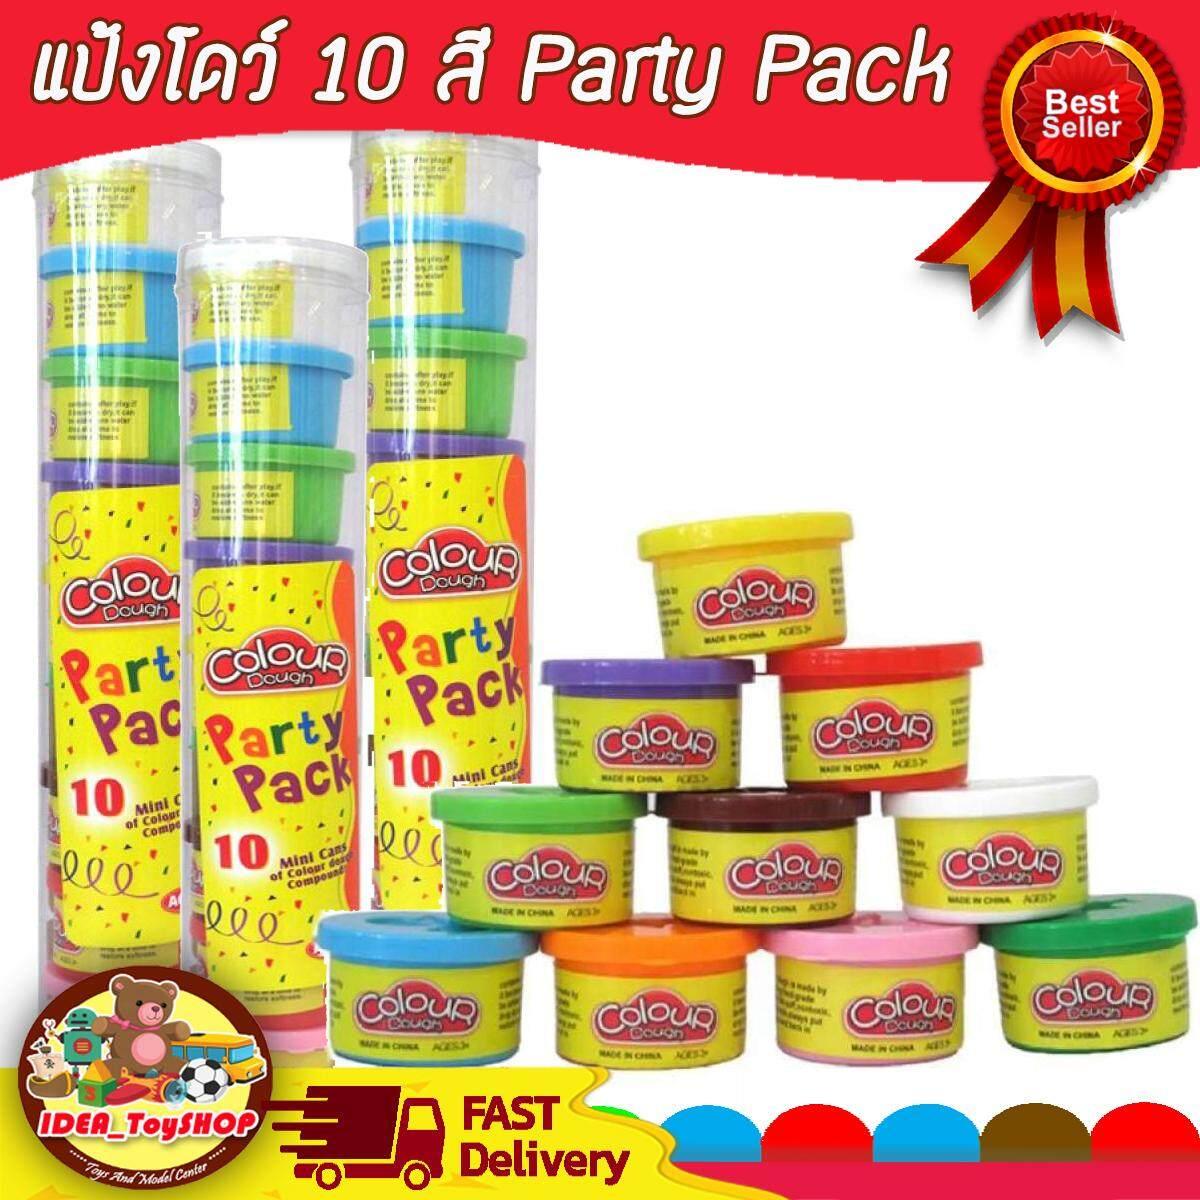 Colour Dough Toys แป้งโดว์ 10 สี Party Pack 10 Mini Cans No.6610 ของเล่นเด็ก Toys สร้างเสริมพัฒนาการเด็ก ของเล่นสำหรับเด็ก Kidtoy.